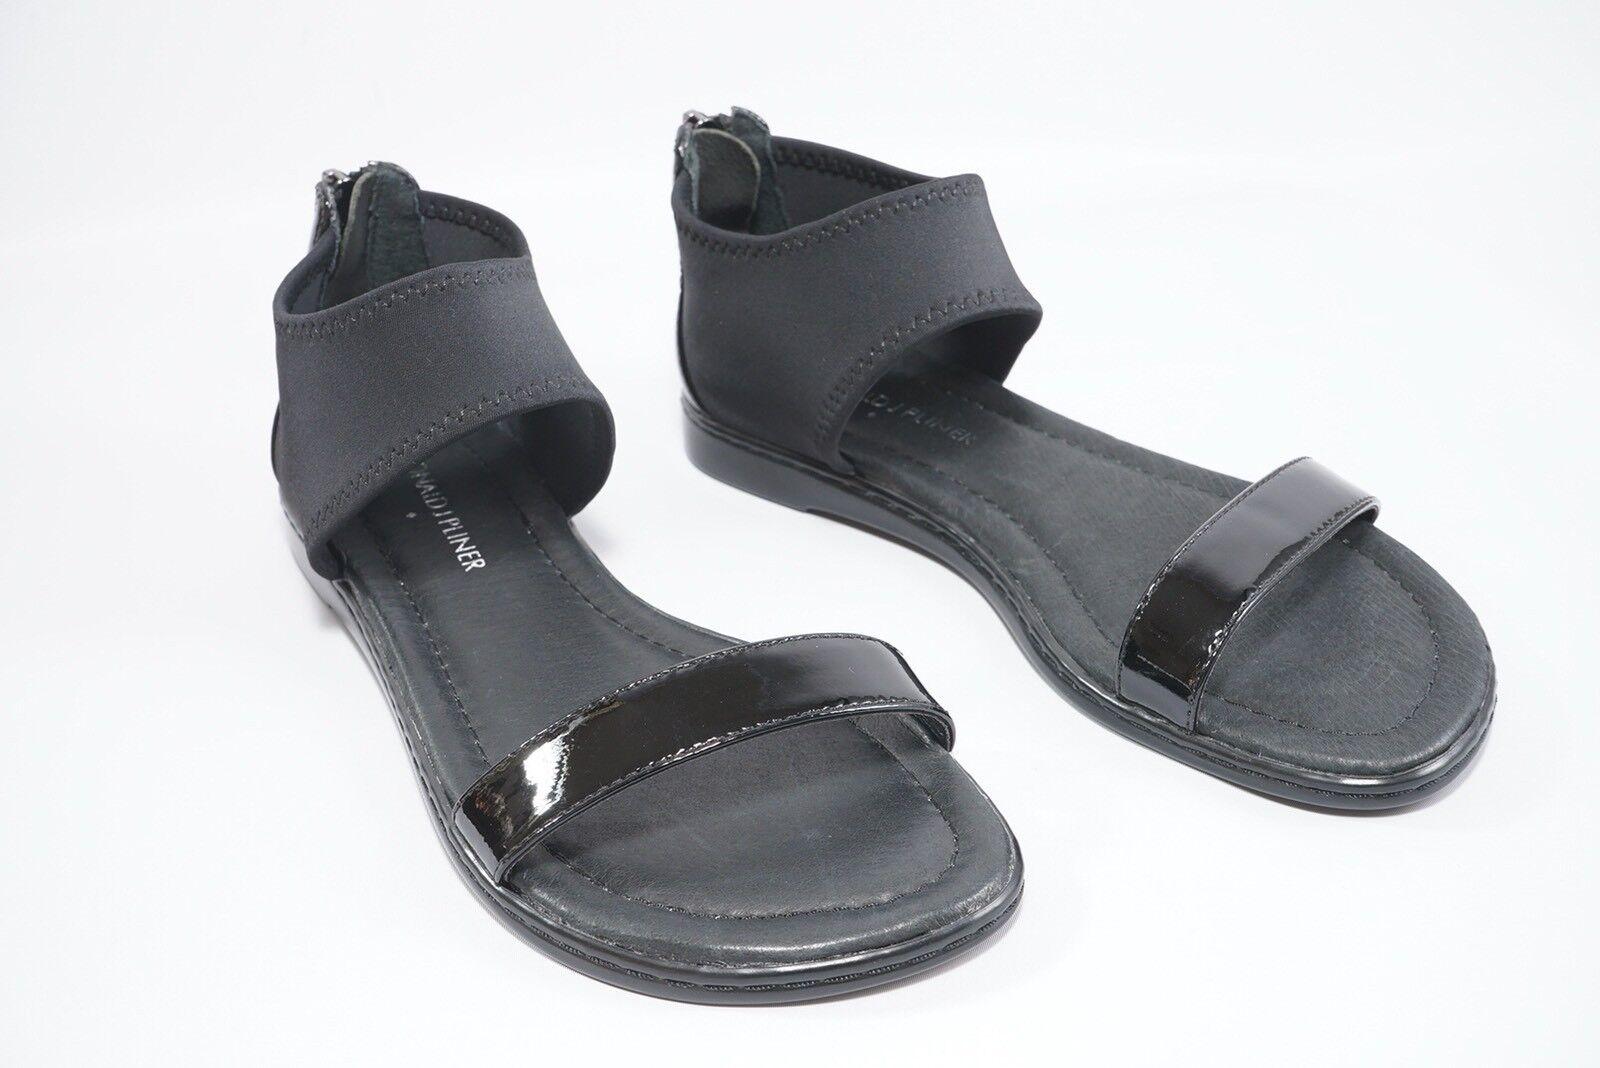 Donald J Pliner Black Black Black Gelda Flat Zip Up Heel Sandals Sz 5M NWOB  238 0ec4c7